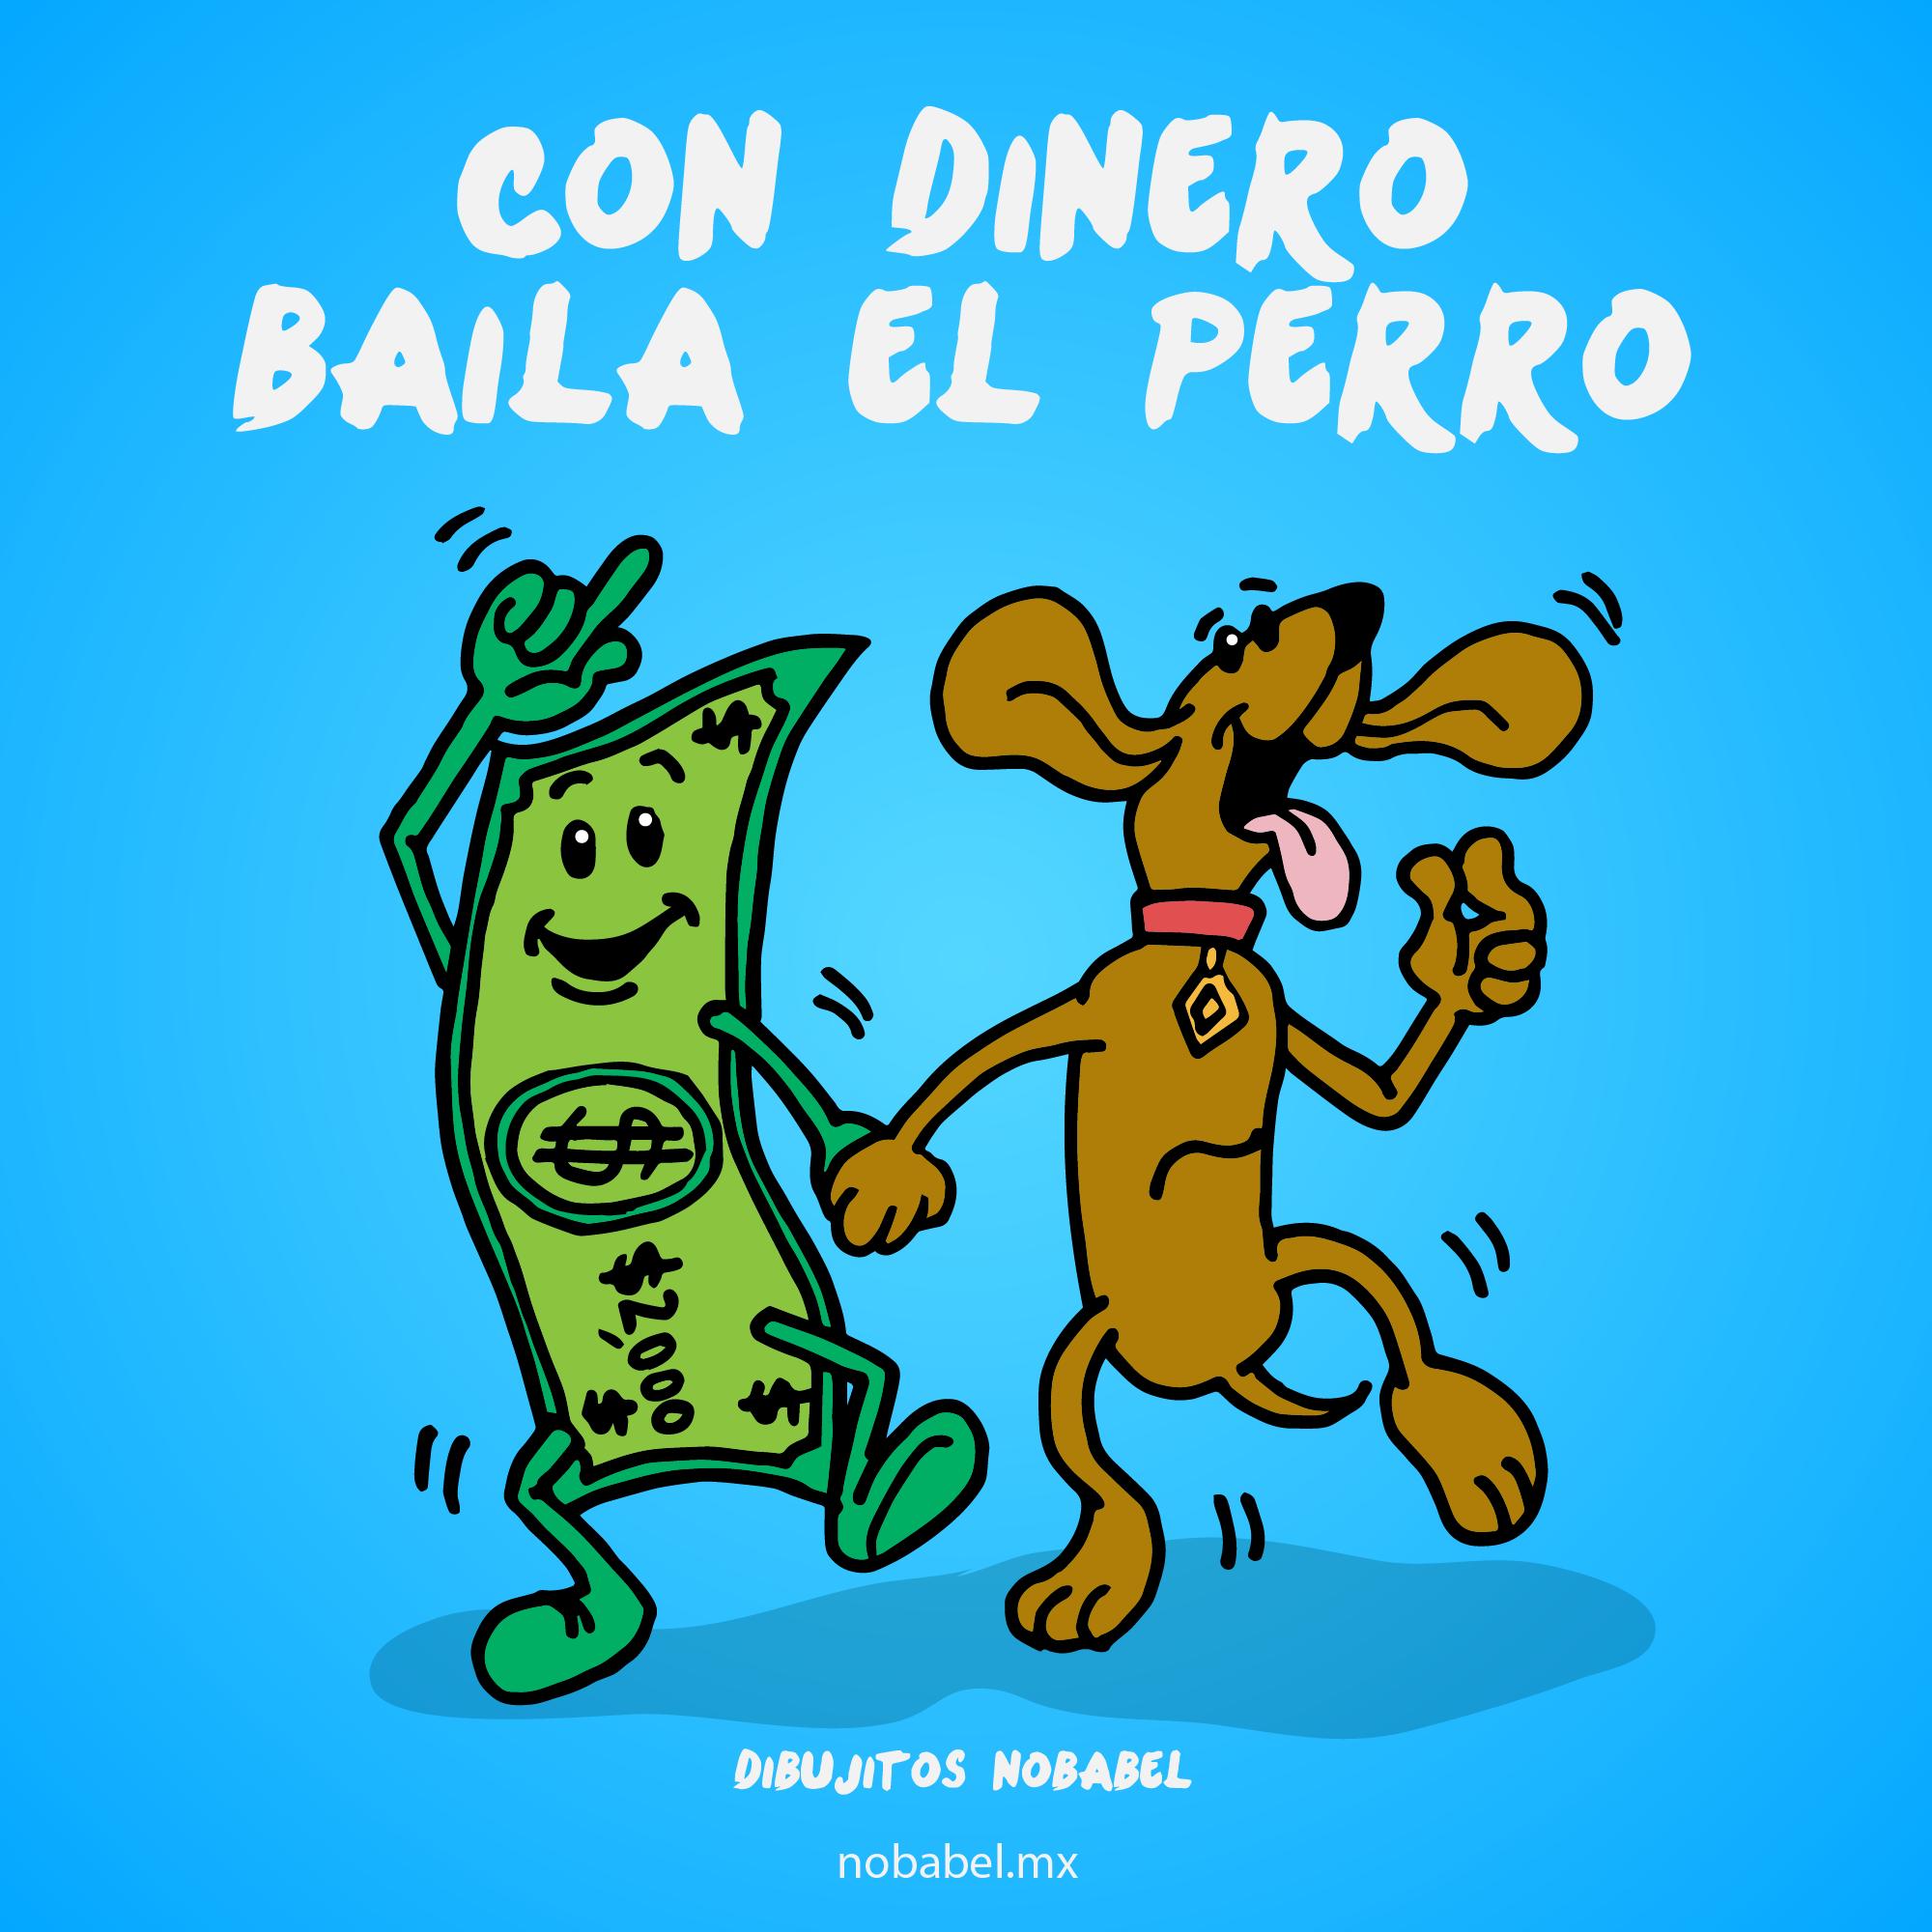 Con Dinero Baila El Perro Chistes Tiernos Memes Divertidos Imagenes Graciosas